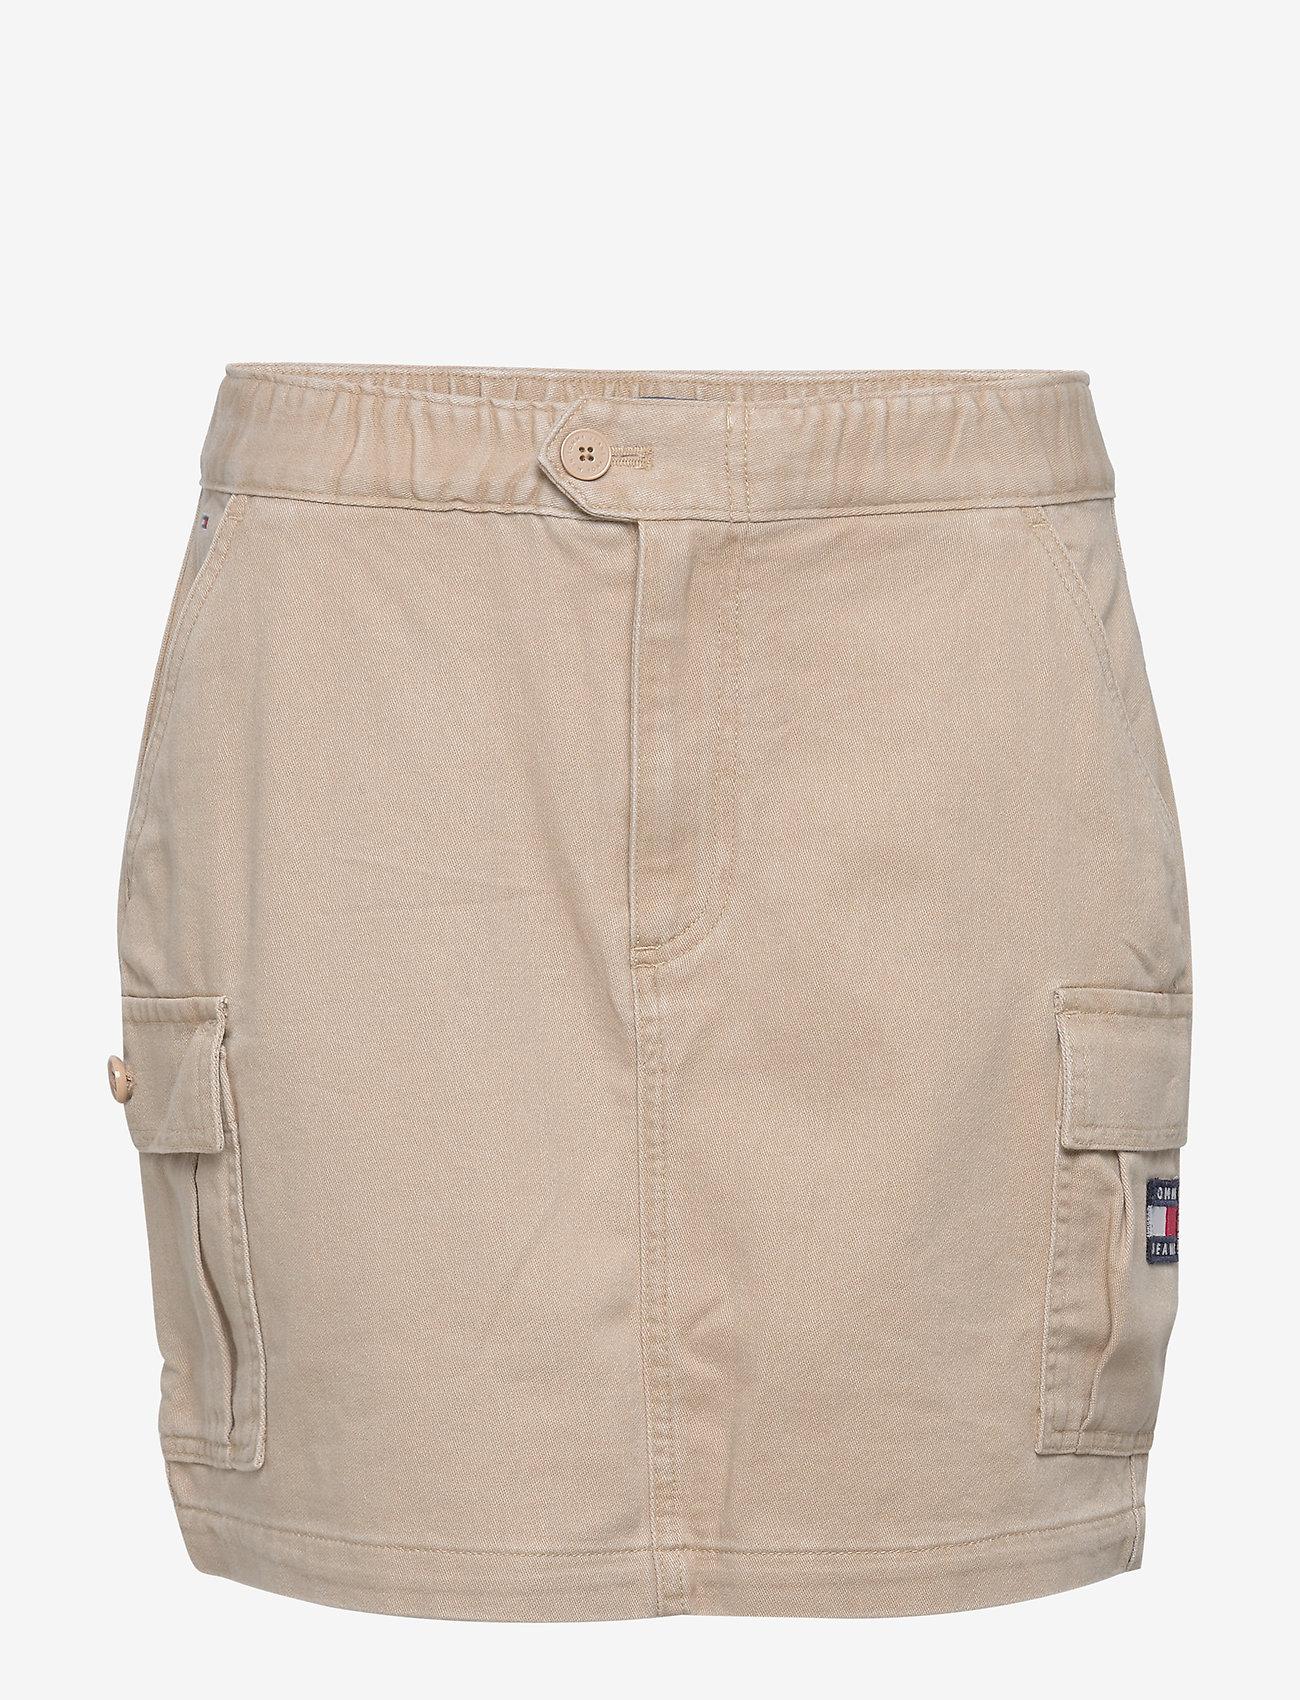 Tommy Jeans - TJW CARPENTER SKIRT - jupes courtes - soft beige - 0